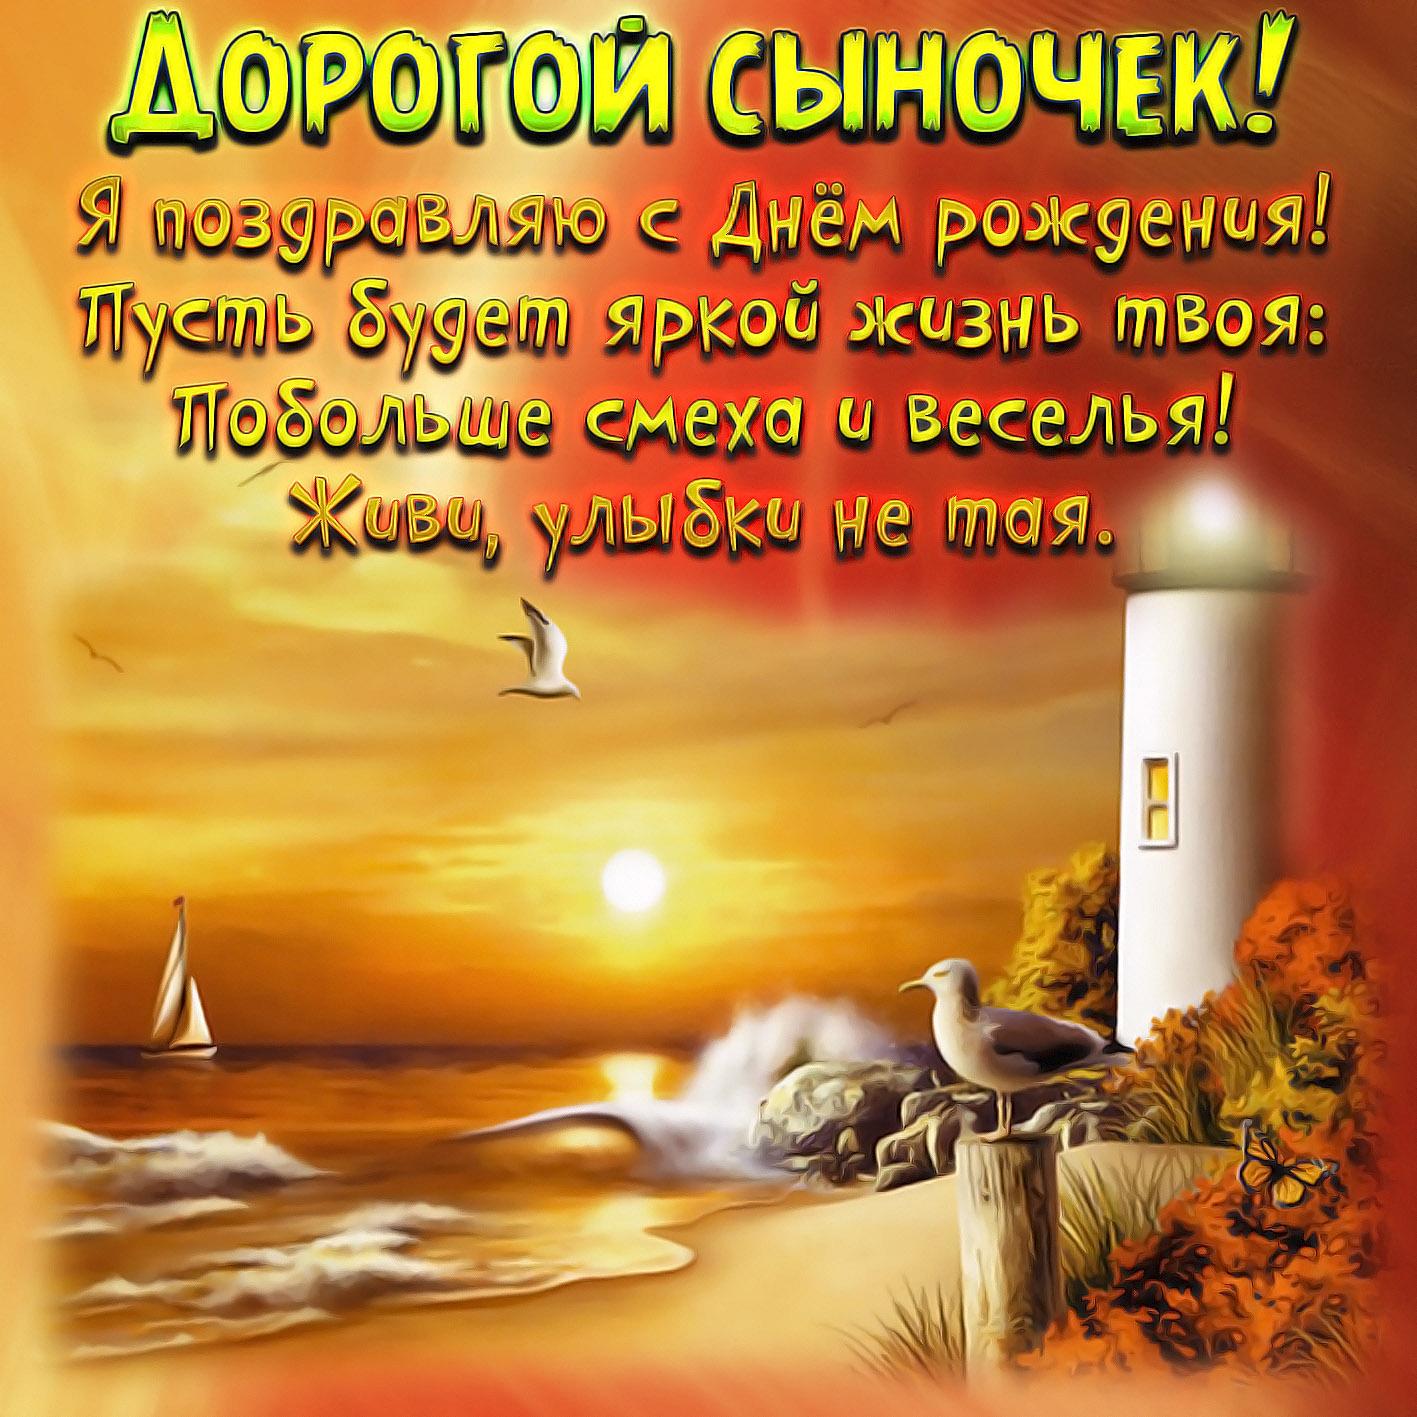 С днем рождения сынок стихи от мамы открытки, конкурс день